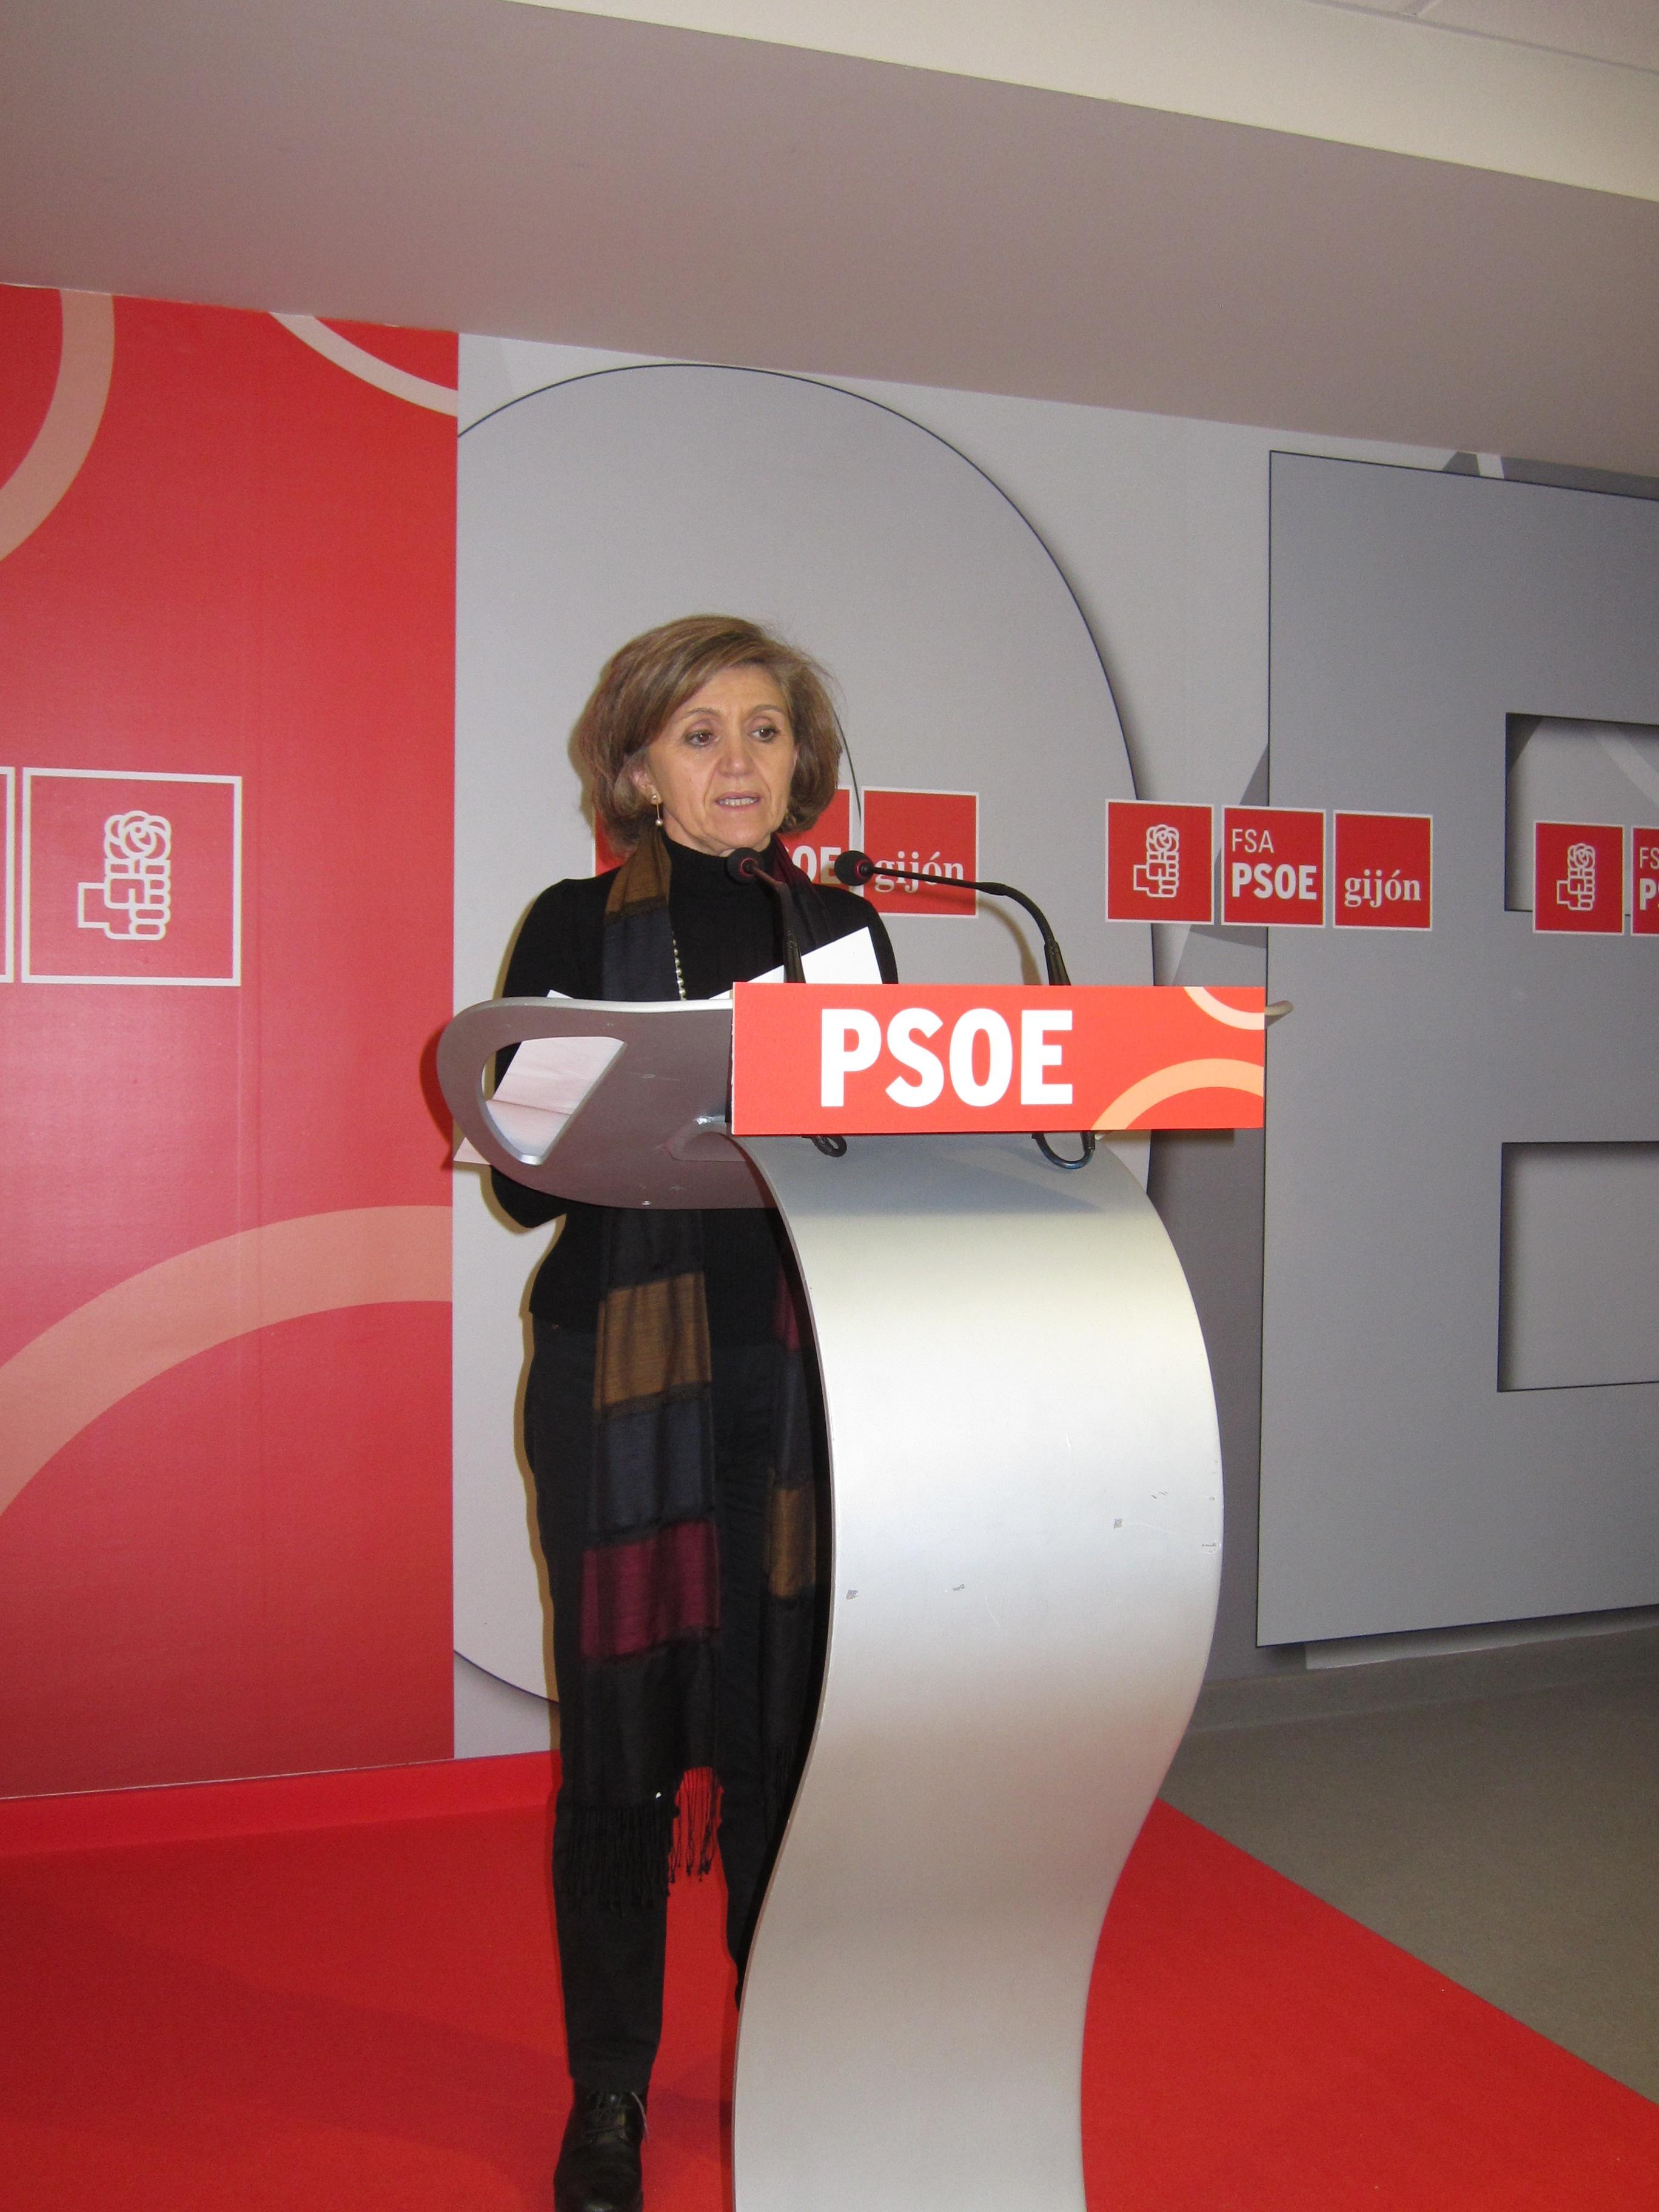 El PSOE dice que Soria tiene que explicar en el Congreso la reforma energética